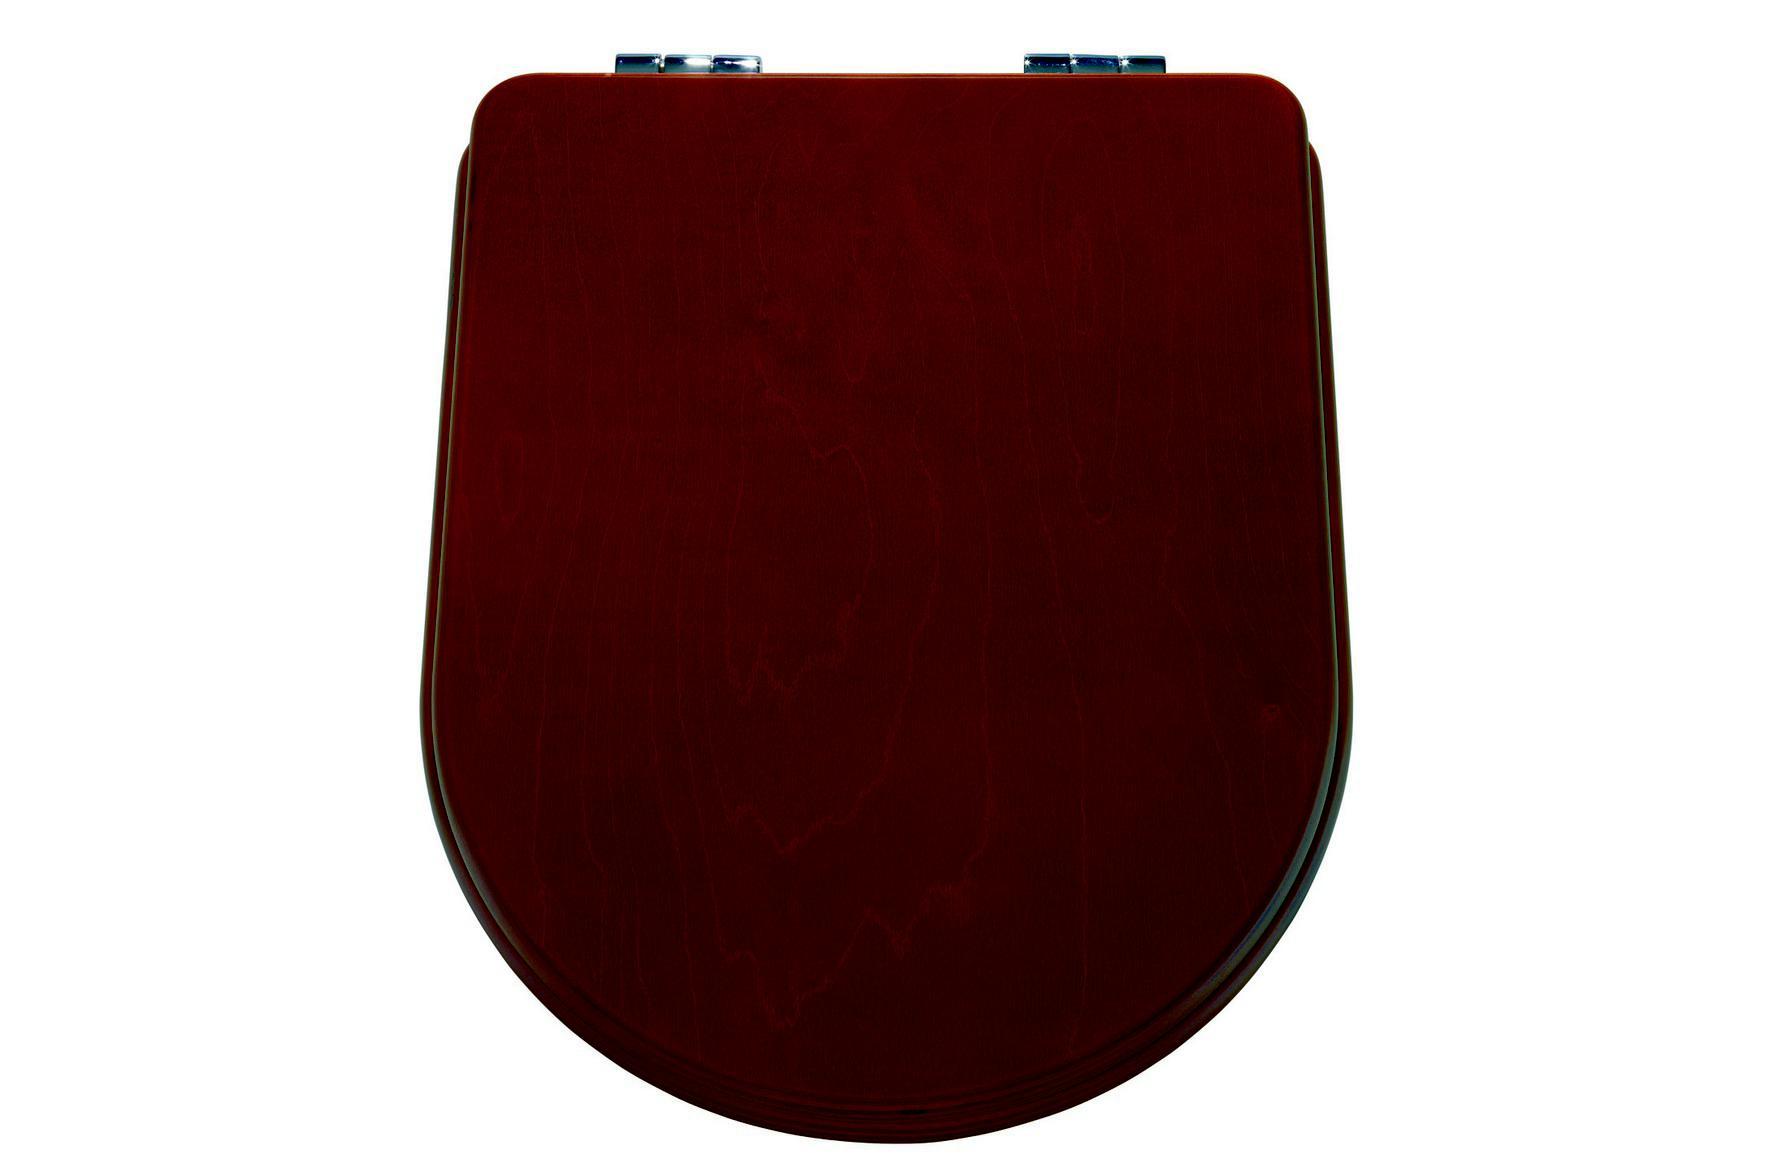 Сиденье для унитаза Gala 5161185 сиденье для унитаза carina дюропласт с микролифтом